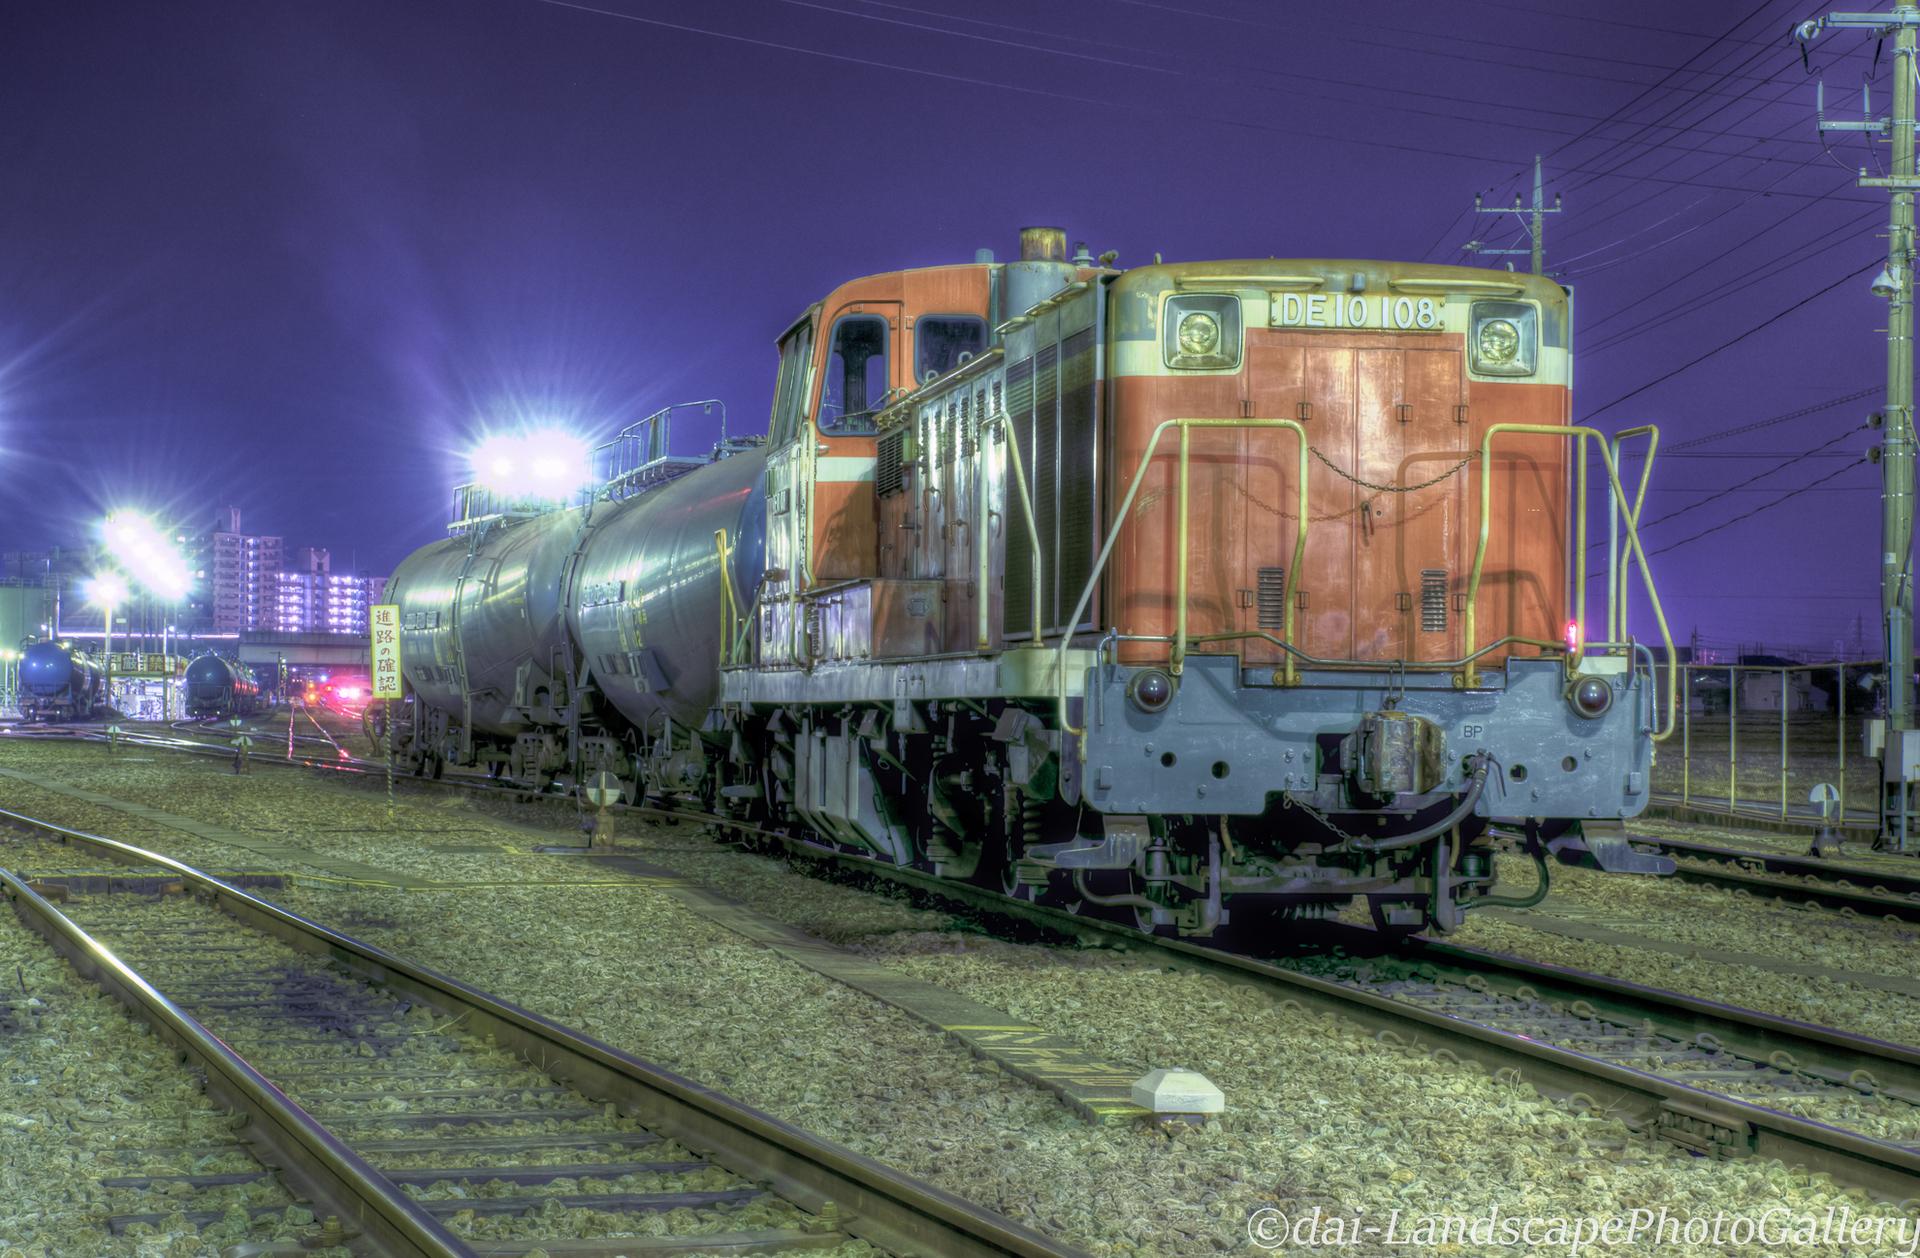 夜のディーゼル機関車【HDRi】